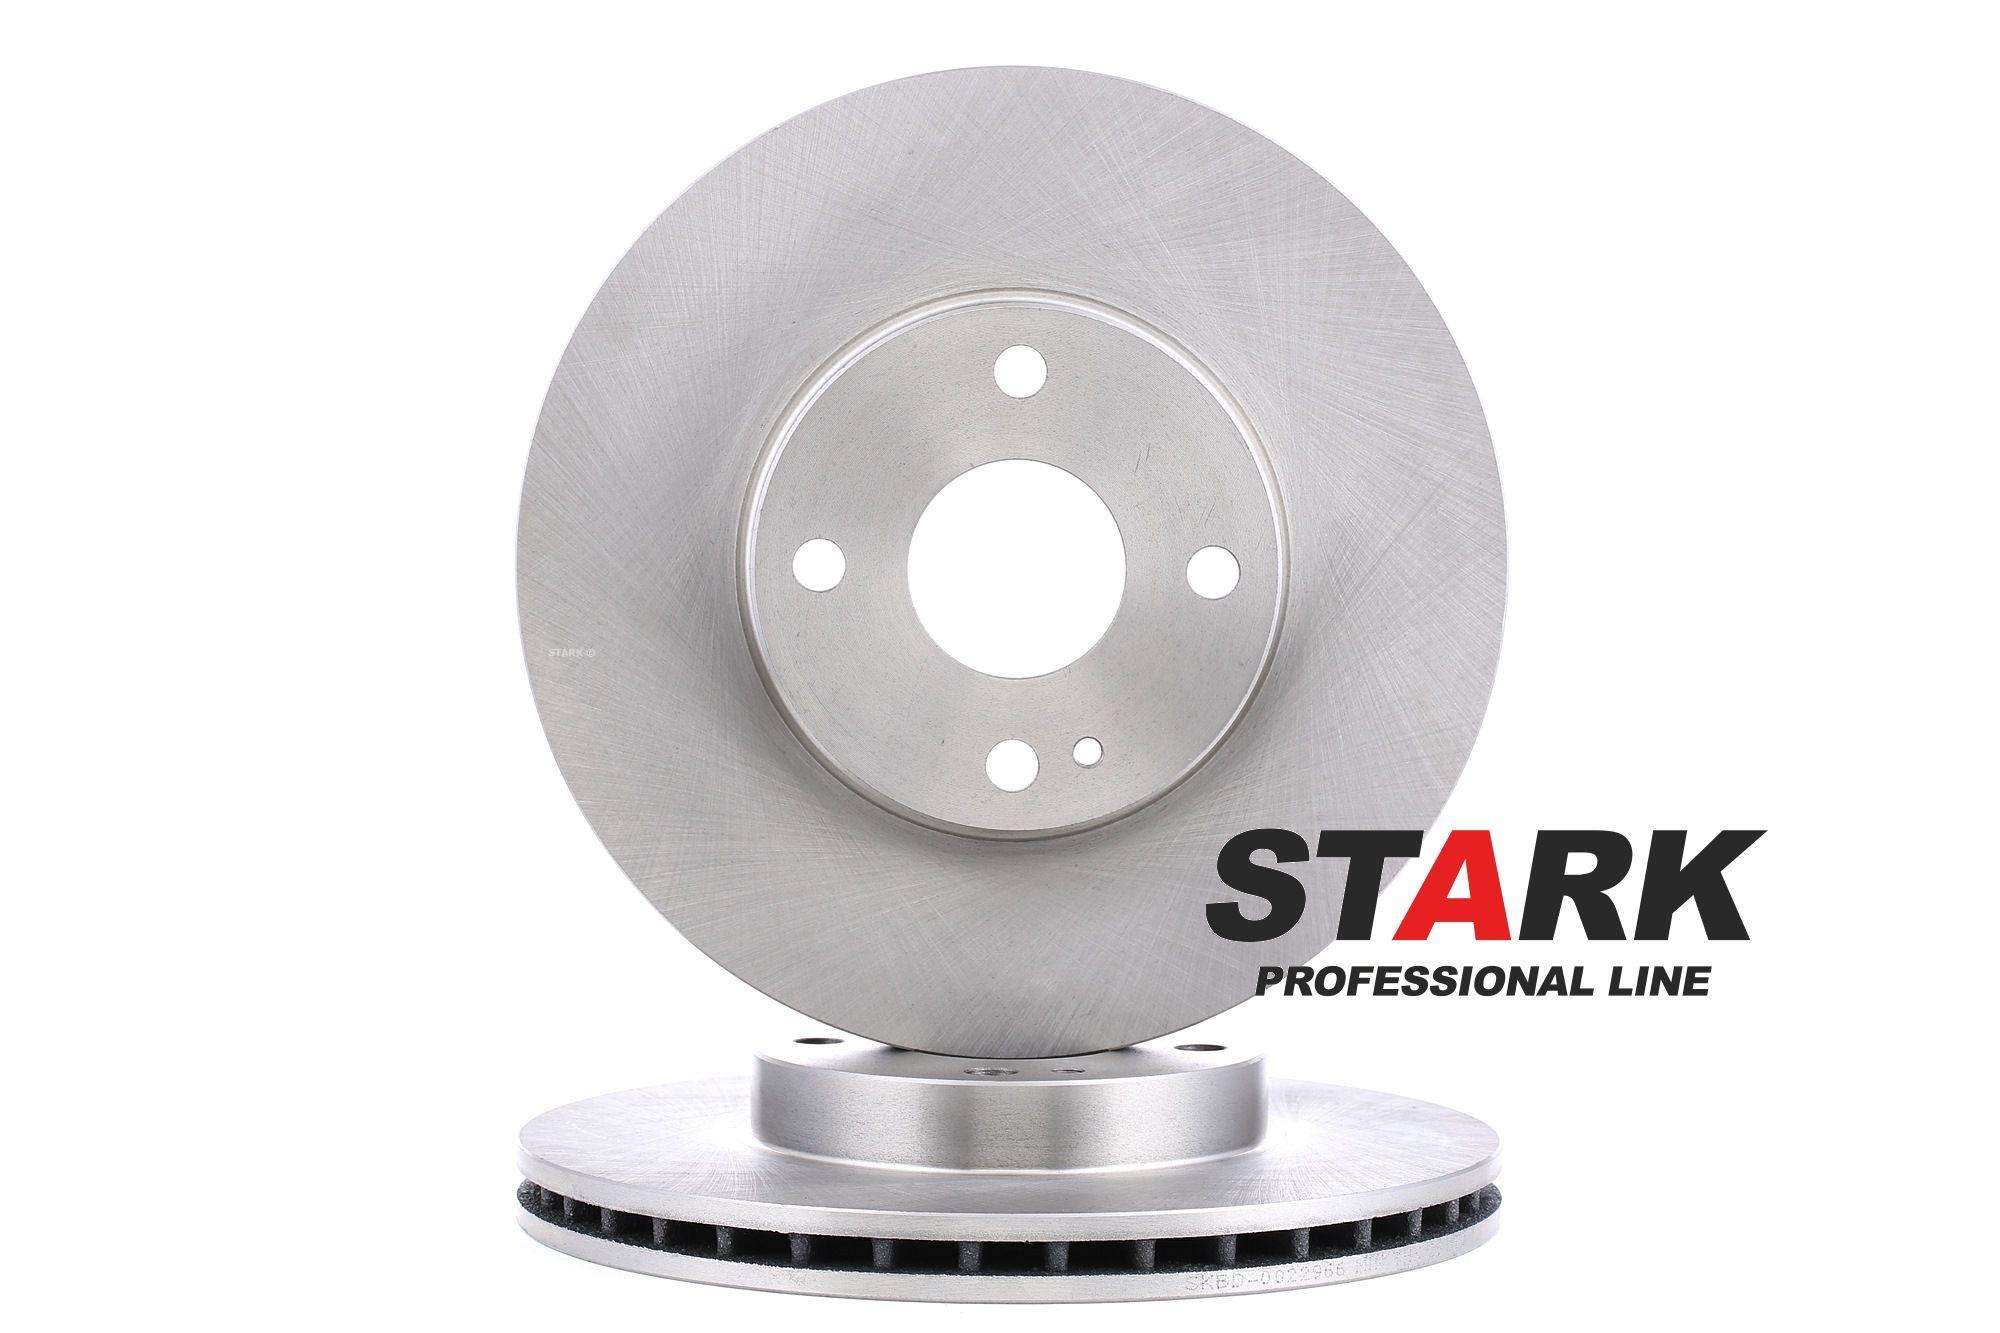 SKBD-0022966 STARK Vorderachse, Innenbelüftet, ohne Radbefestigungsbolzen, ohne Radnabe Ø: 257mm, Bremsscheibendicke: 22mm Bremsscheibe SKBD-0022966 günstig kaufen